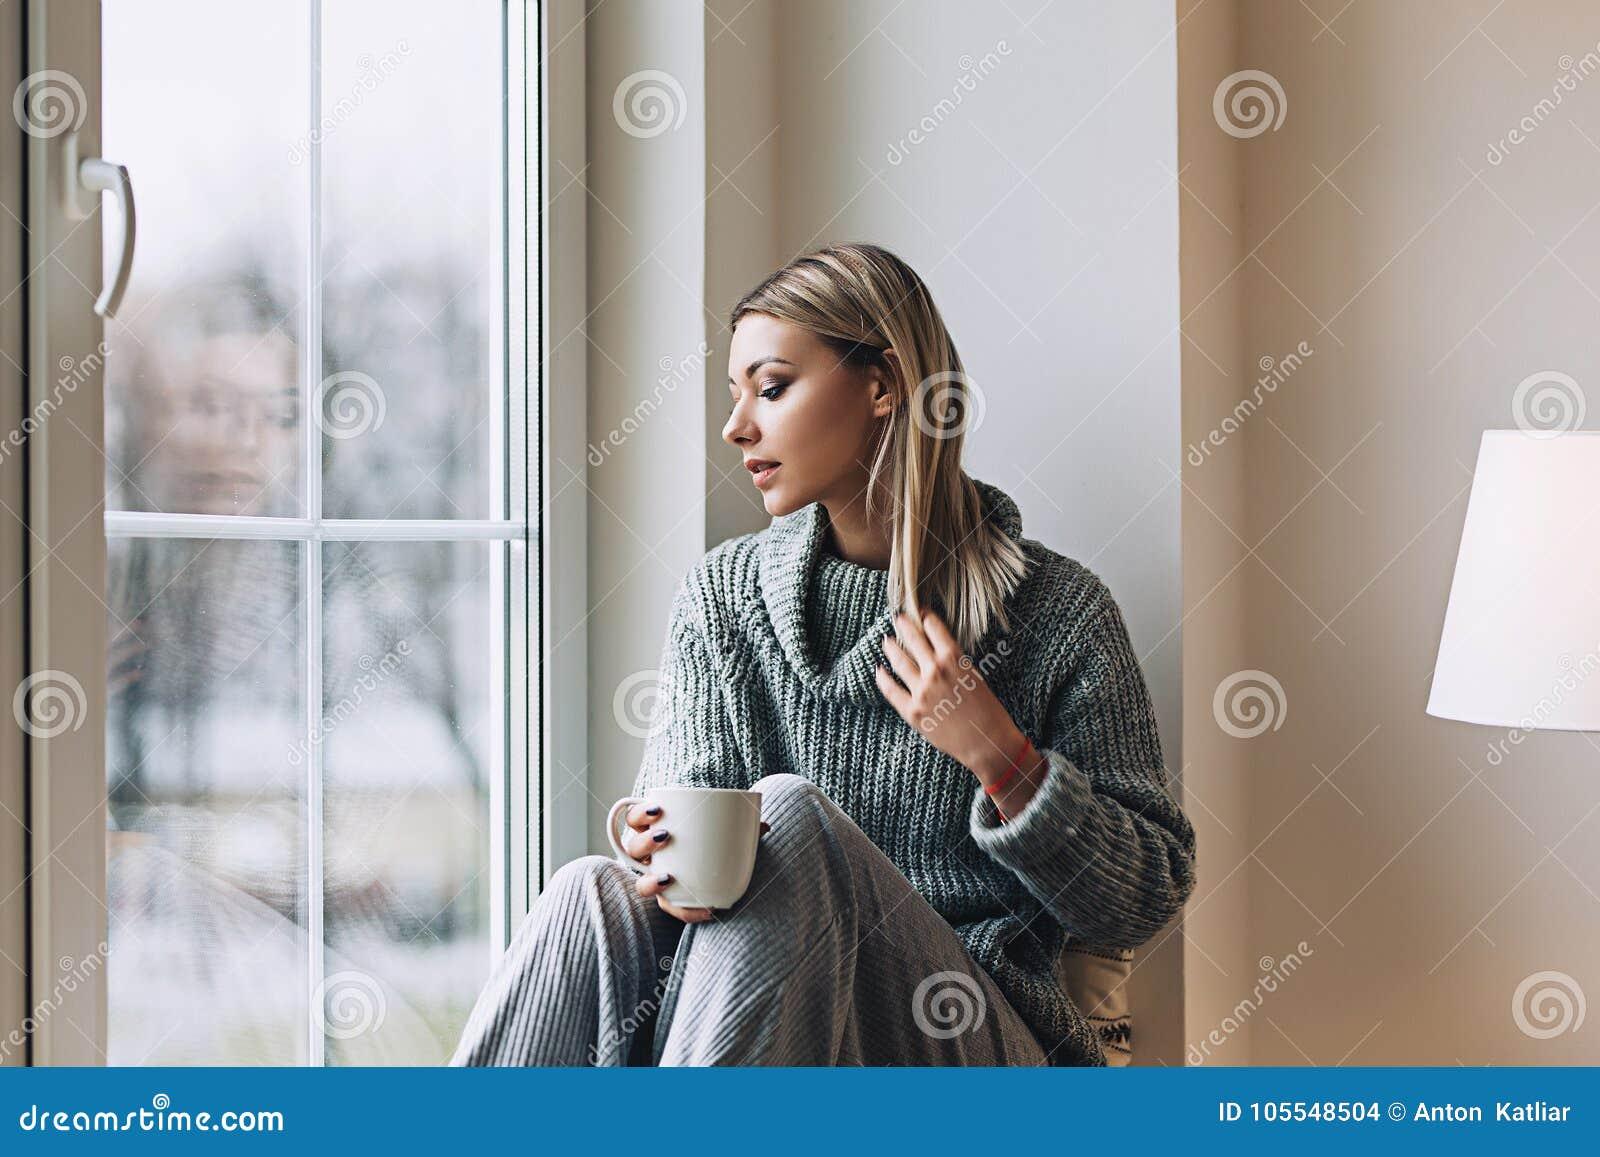 Piękna biała elegancka kobieta w wygodnym scandinavian interrior siedzi w domu blisko dużego okno, portret piękny